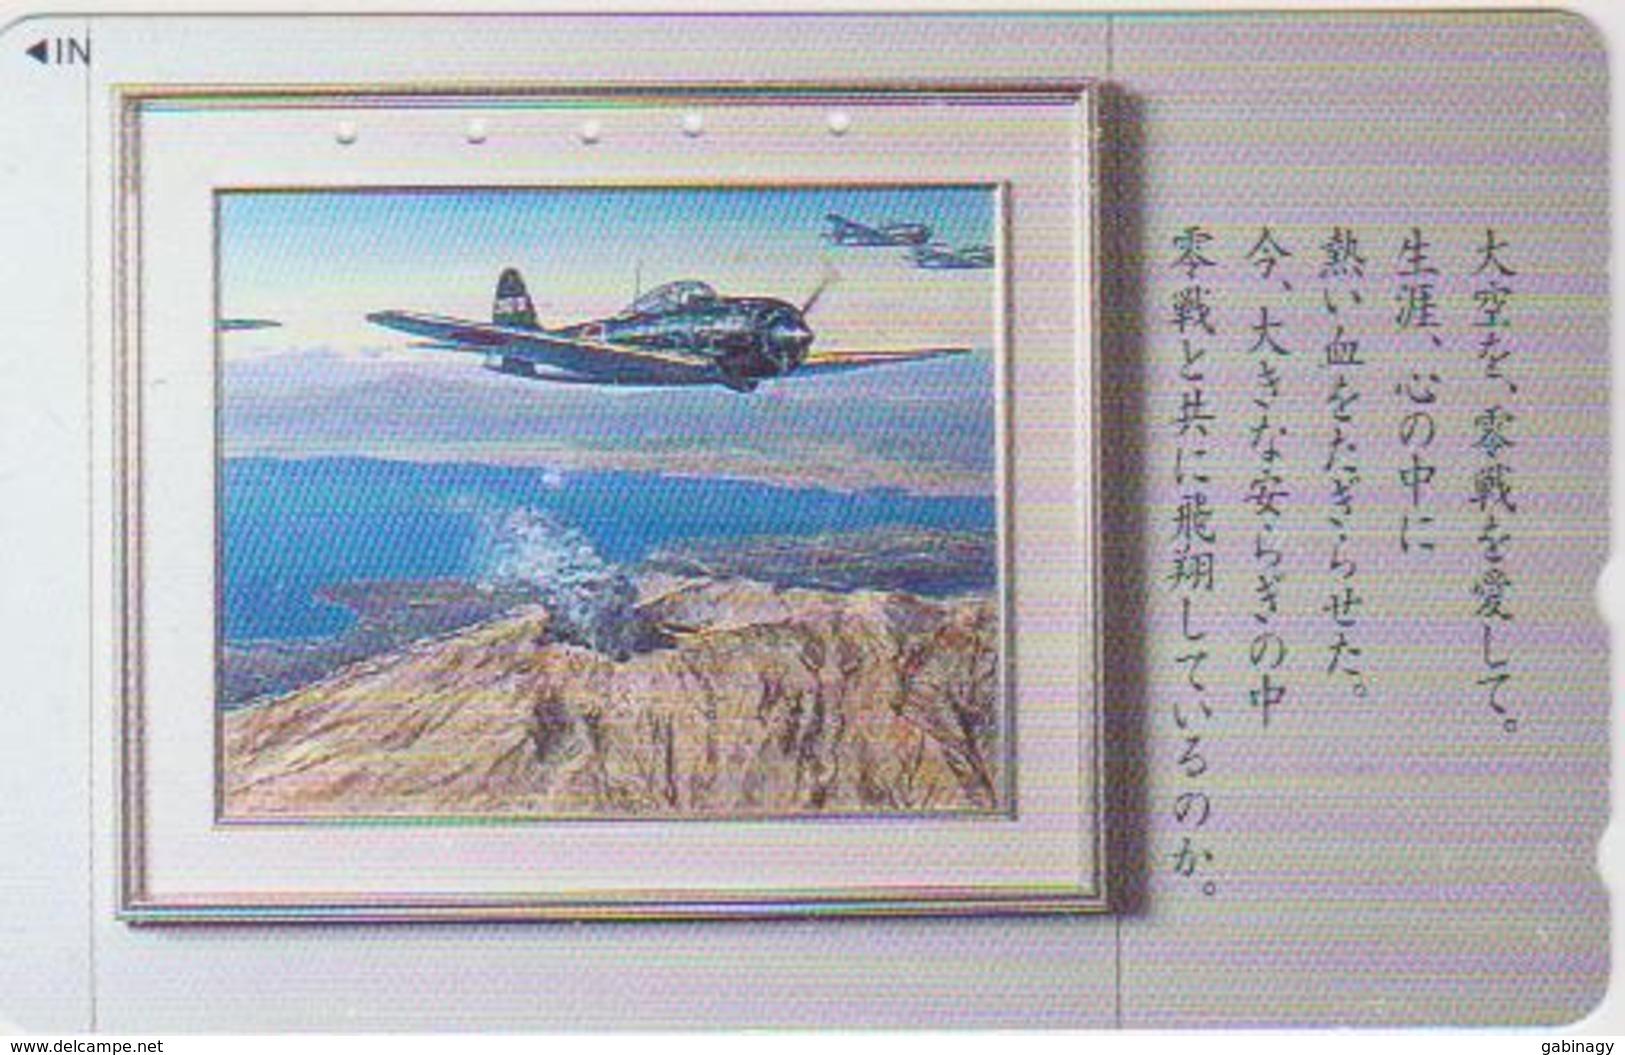 AIRPLANE - JAPAN-242 - MILITARY - Vliegtuigen